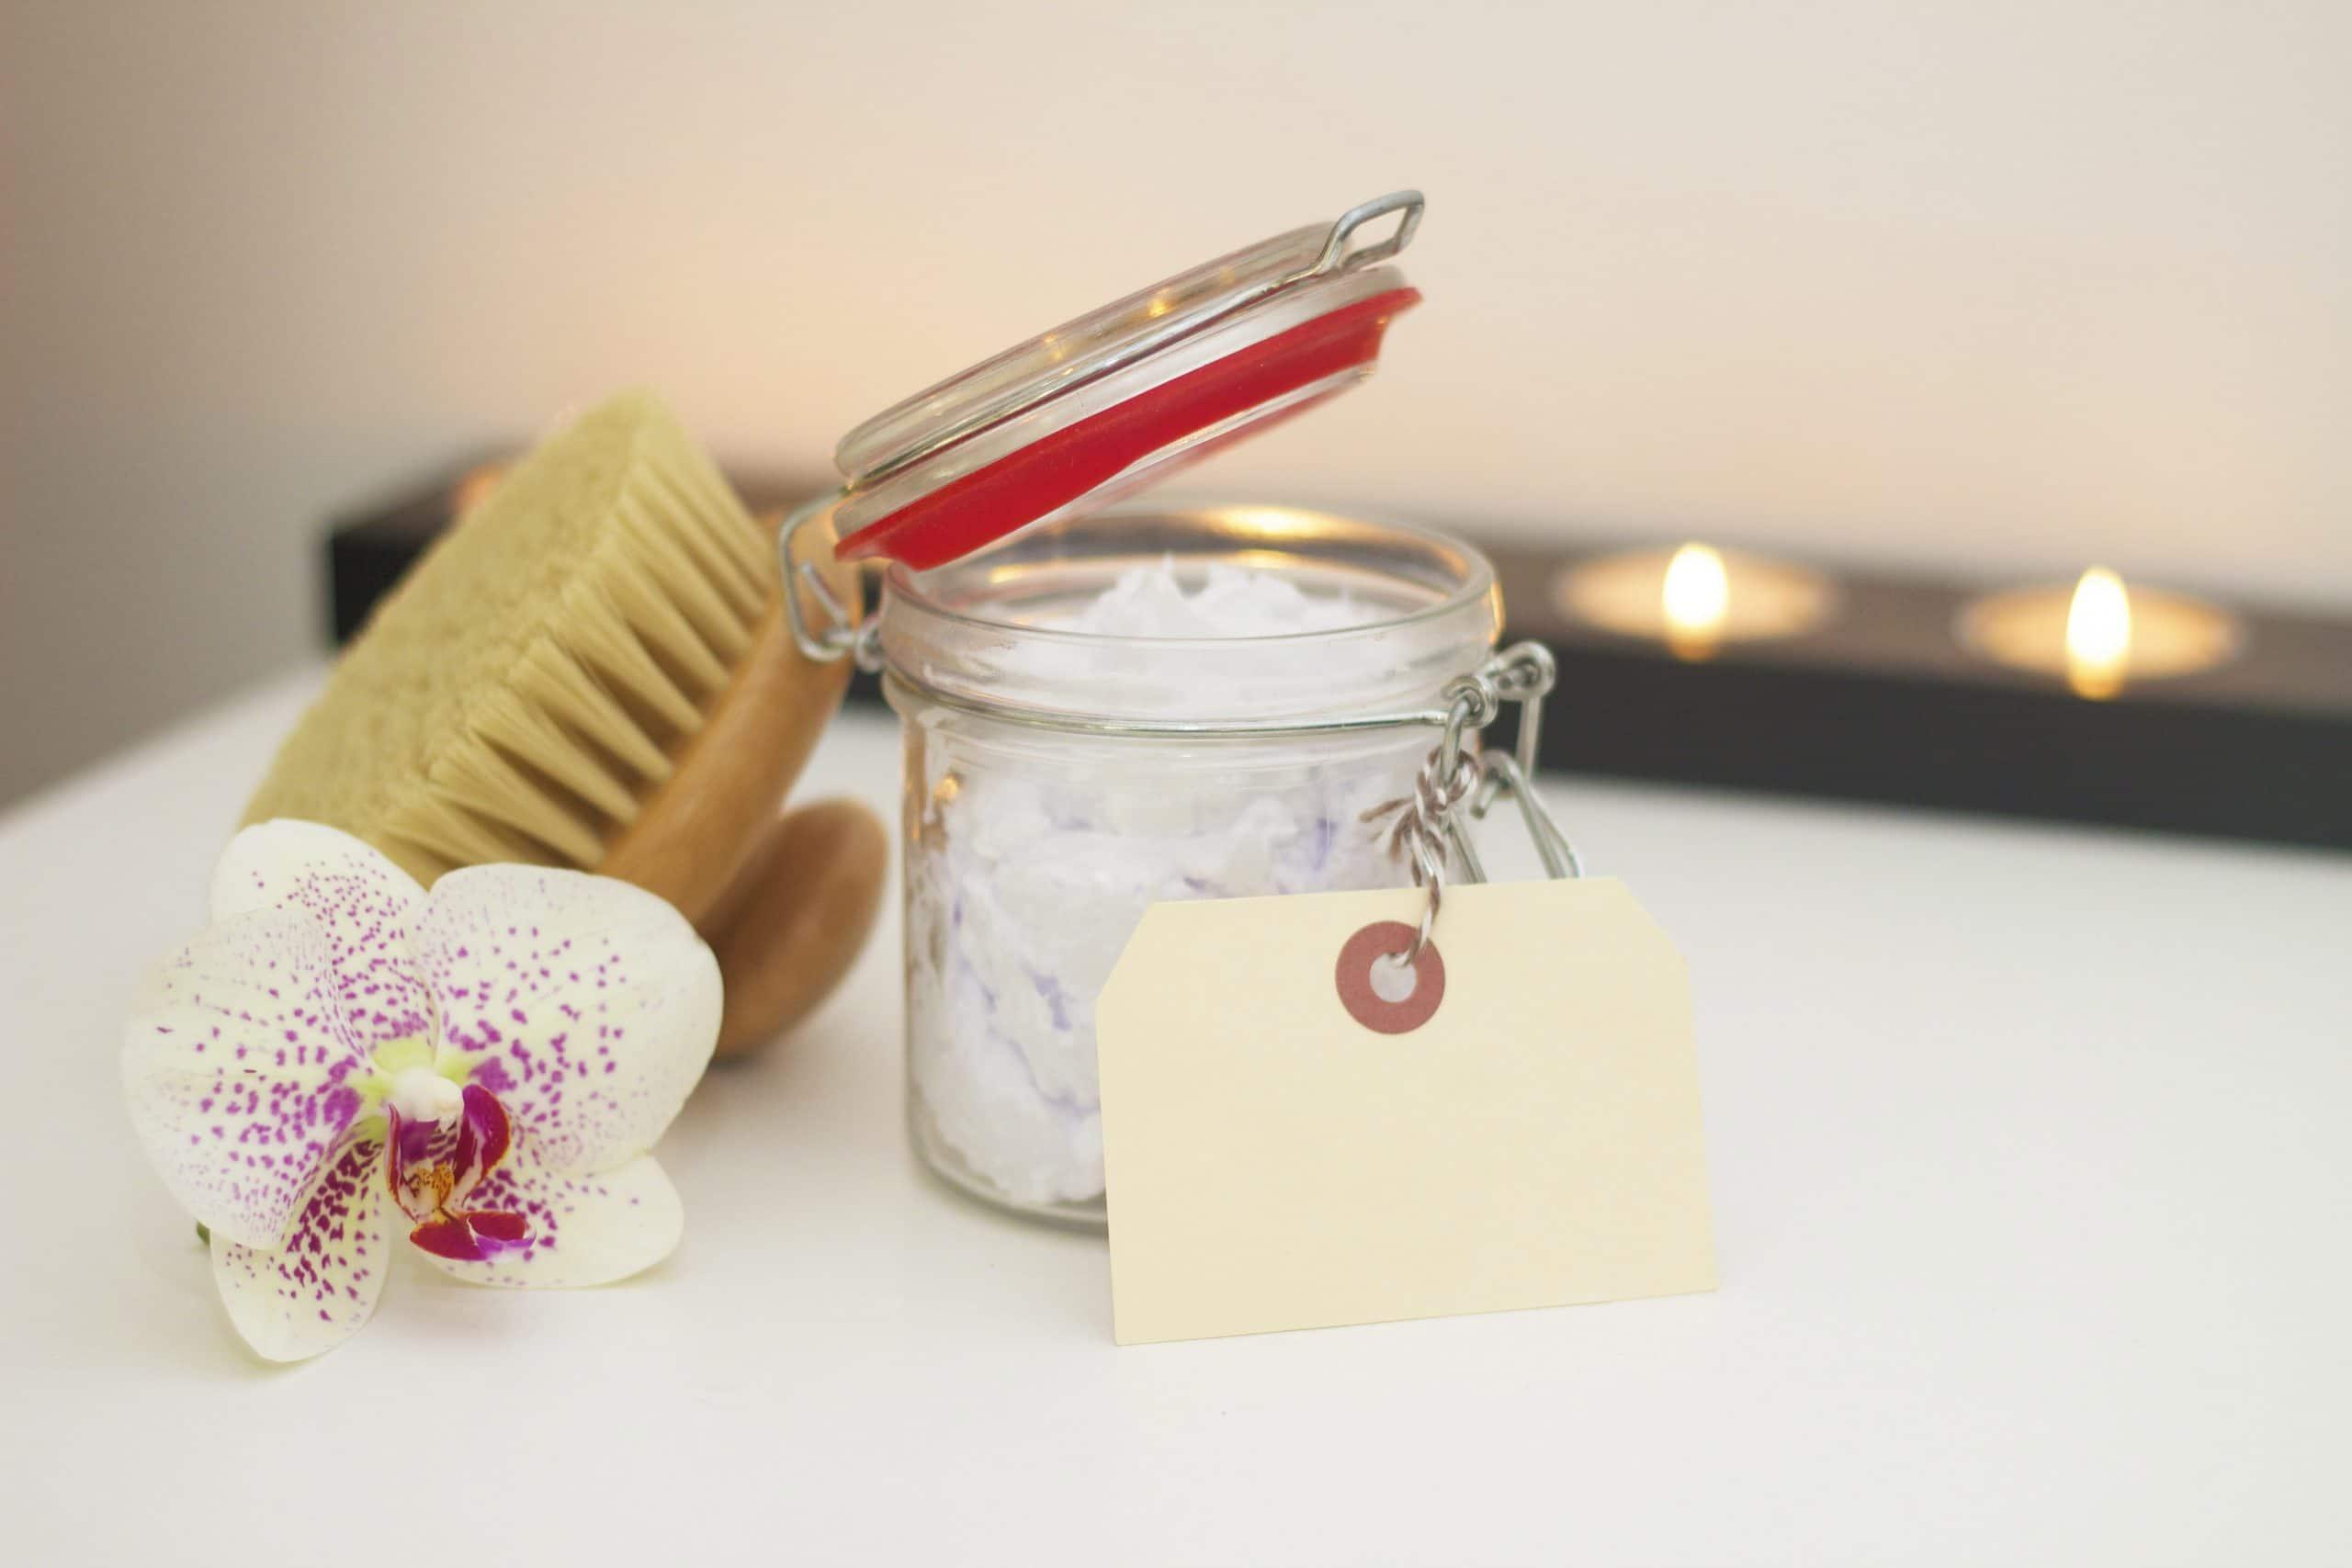 Mesa com uma flor, uma escova e um pote delicado com uma etiqueta em branco. Atrás, algumas velas acesas.